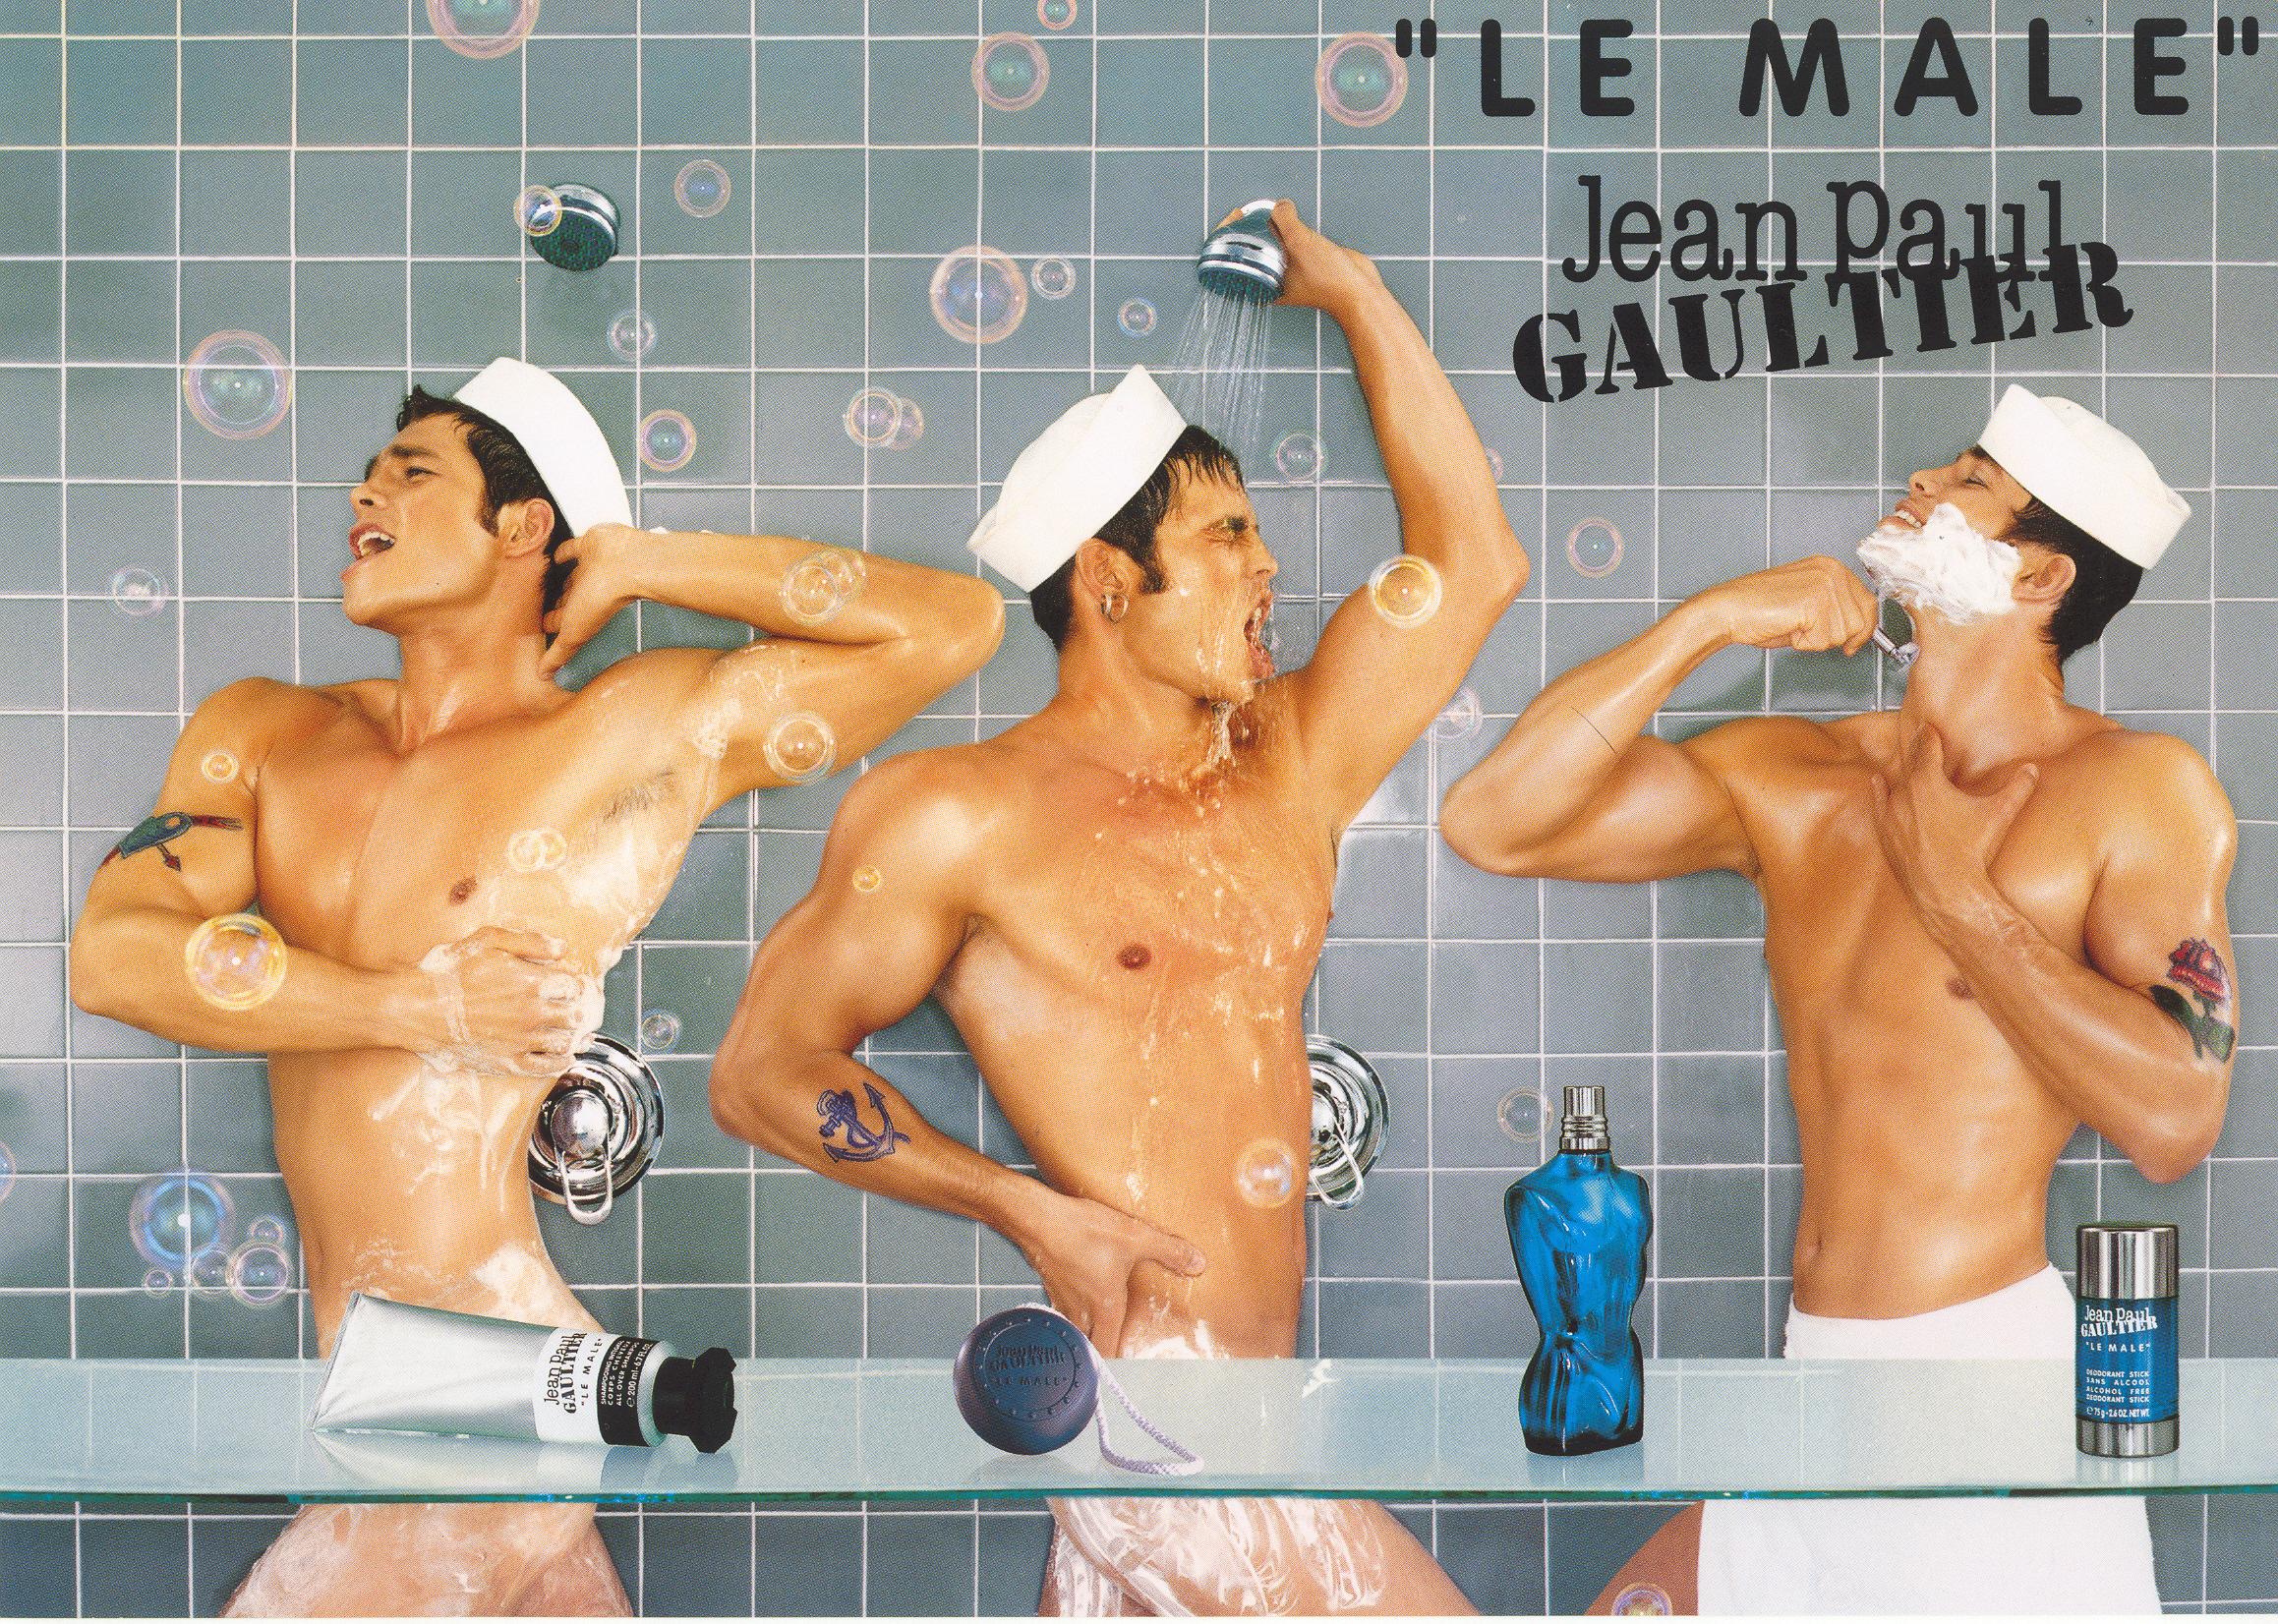 1997%20 %20LE%20MALE%20LE%20BAIN%20%E2%95%95Jean Baptiste%20Mondino - Jean Paul Gaultier  celebra con mucho ORGULLO el 25 aniversario de LE MALE